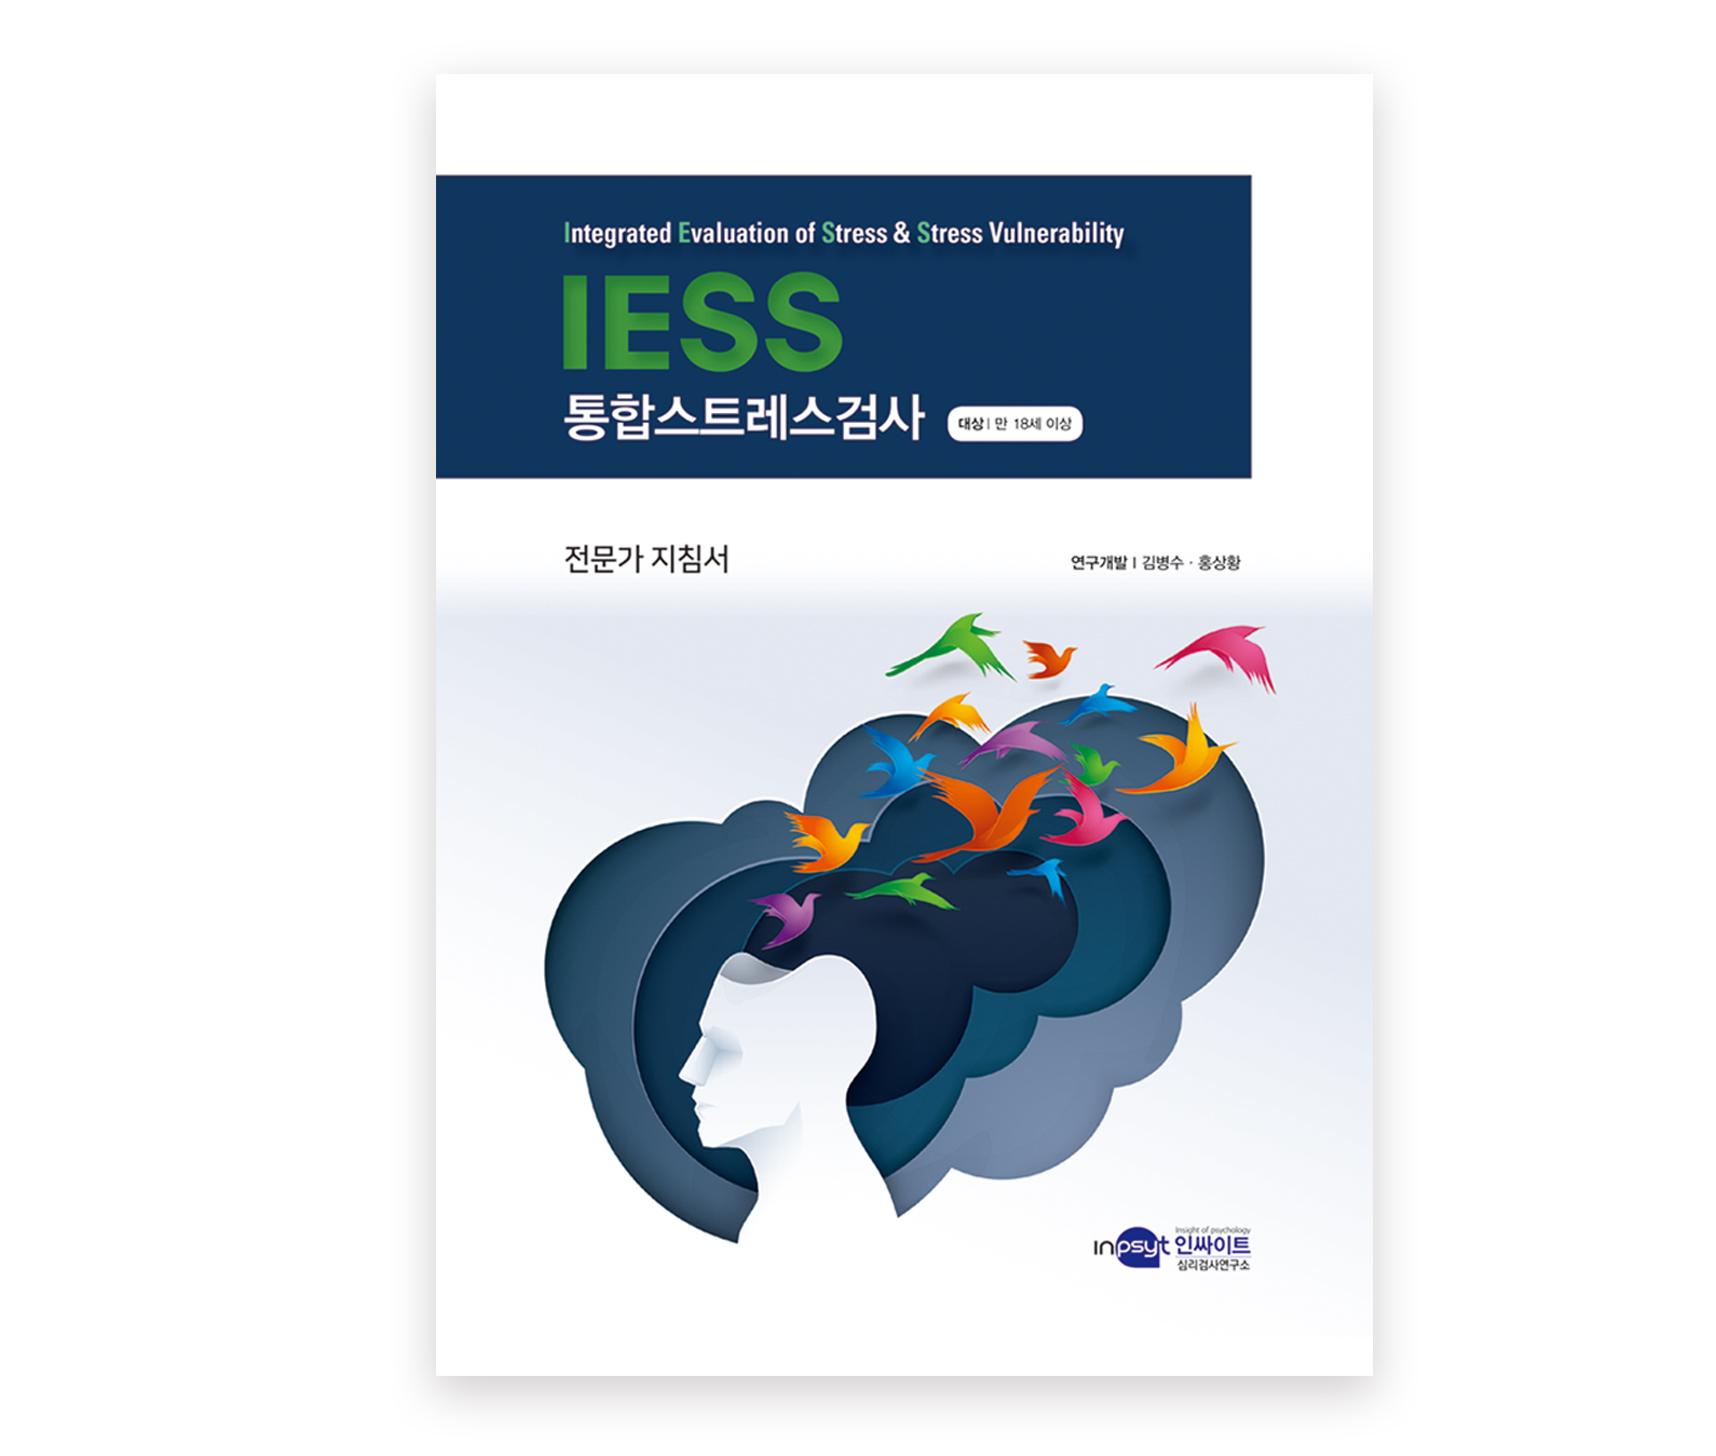 [웹용]IESS통합스트에스검사_지침서.jpg